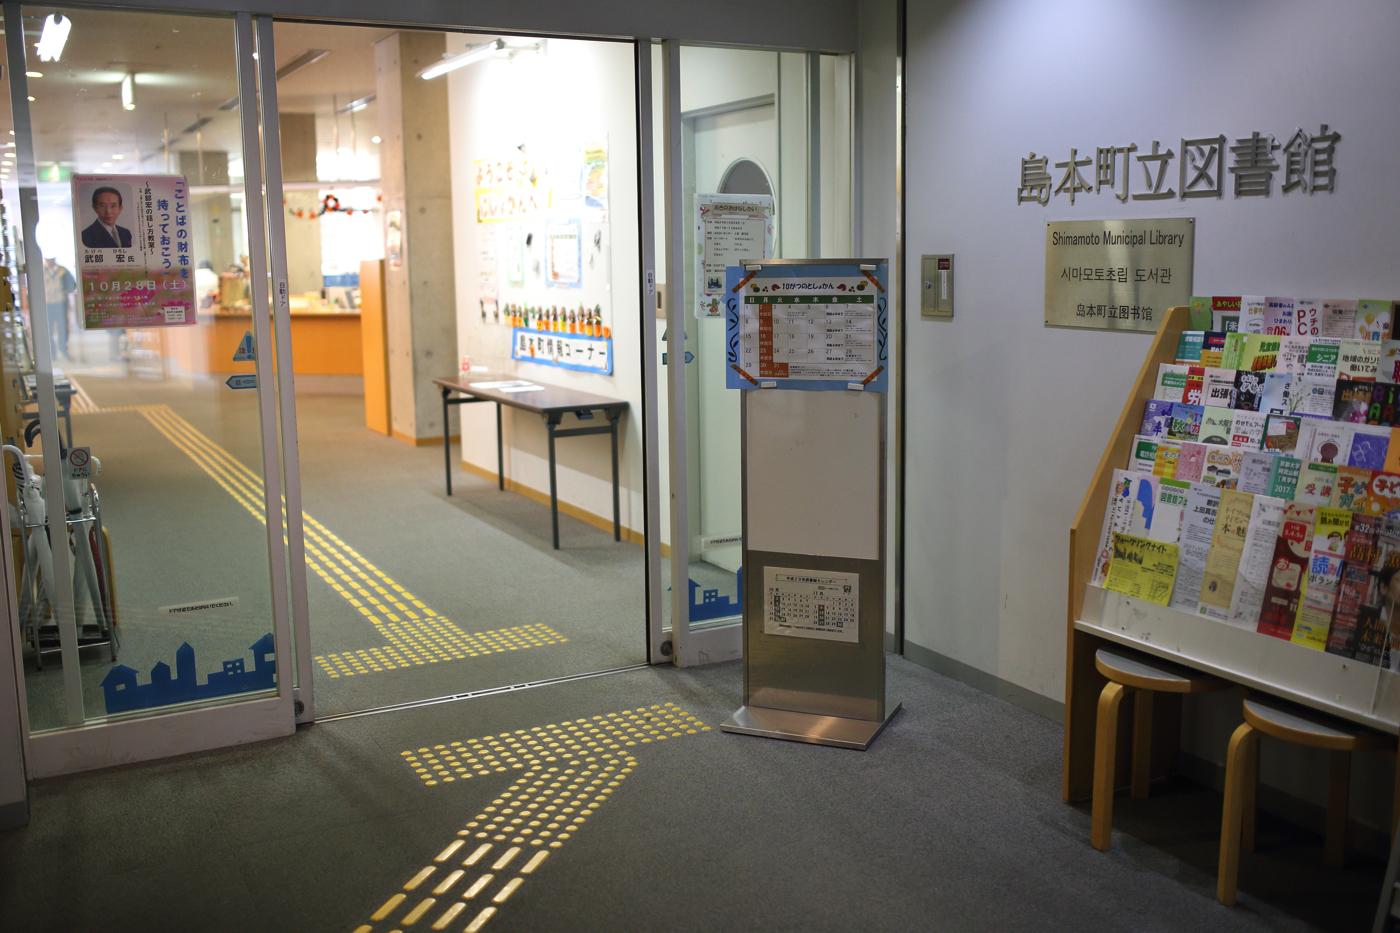 「島本町ふれあいセンター」は1階は保健ゾーン、2階は福祉フロア、地下にはレストランがあり、小さな子どもからお年寄りまで利用されています